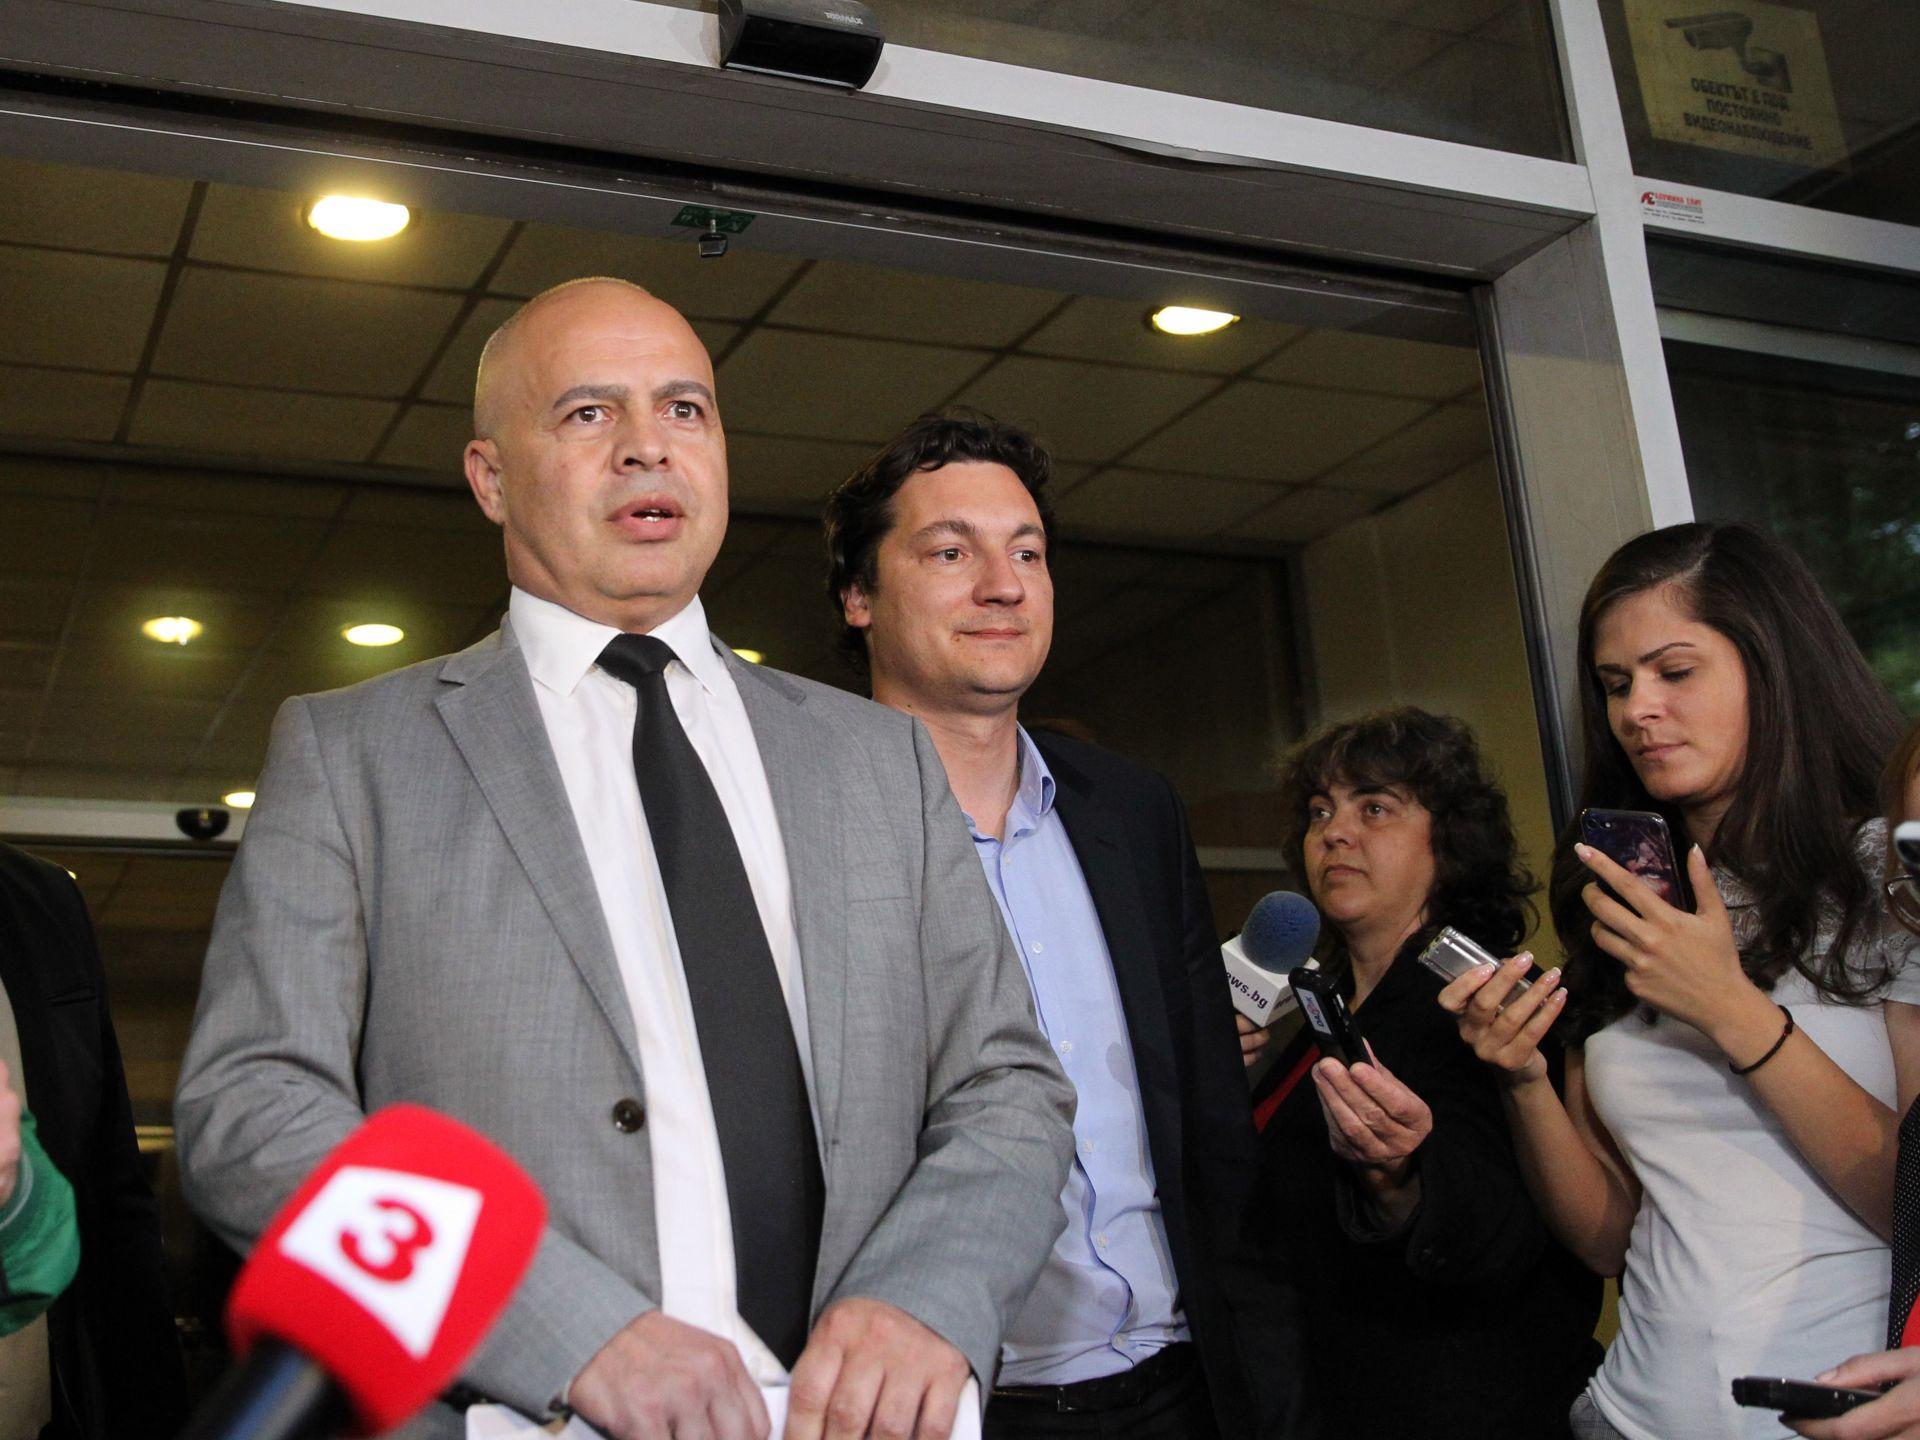 Георги Свиленски и Крум Зарков излязоха пред журналистите, но лидерът Корнелия Нинова не се появи